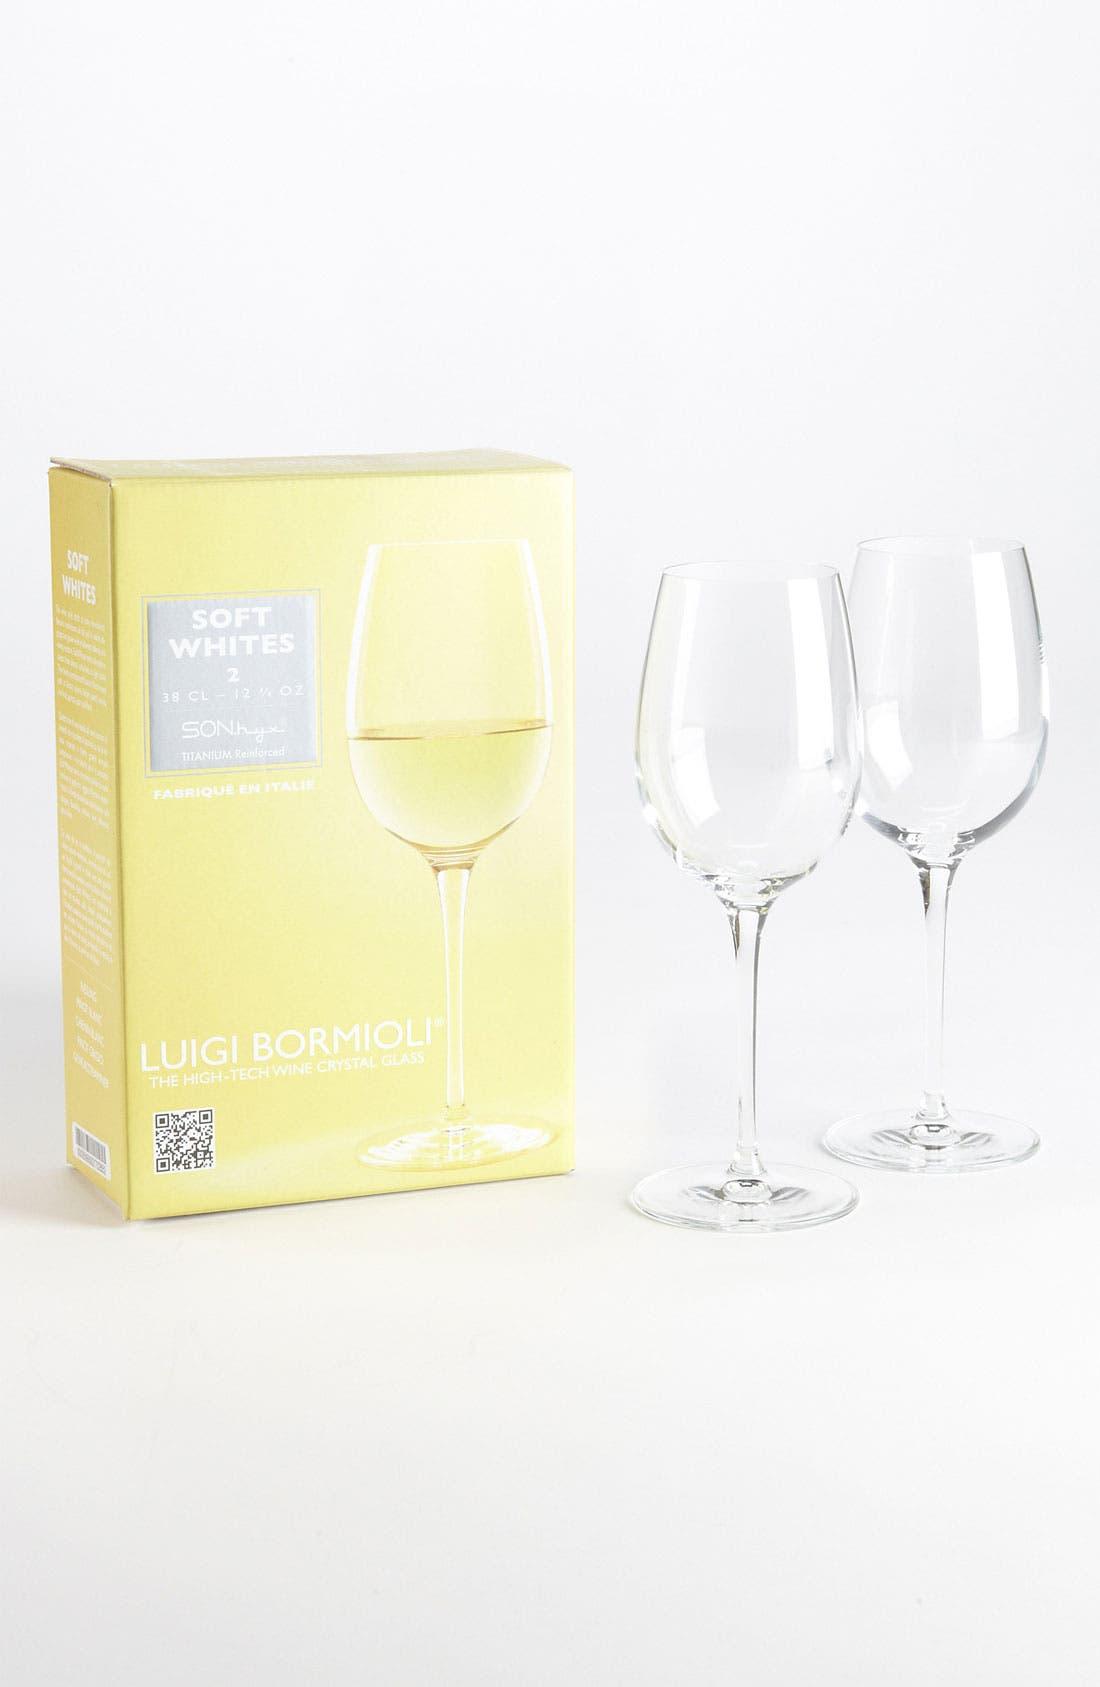 Alternate Image 1 Selected - Luigi Bormioli 'Wine Profiles Soft Whites' Wine Glasses (Set of 2)